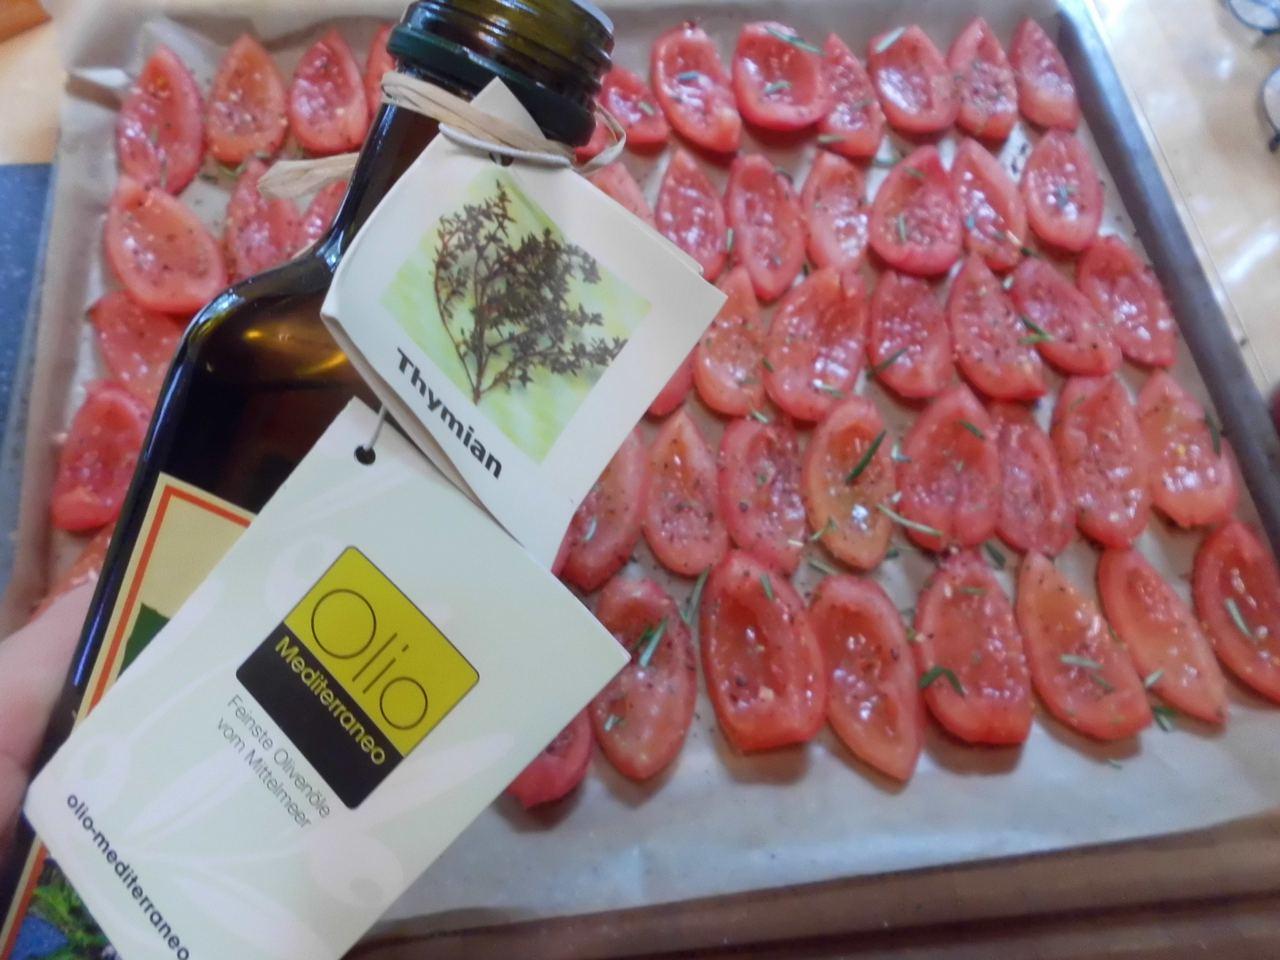 Thymianöl auf die Tomaten tropfen